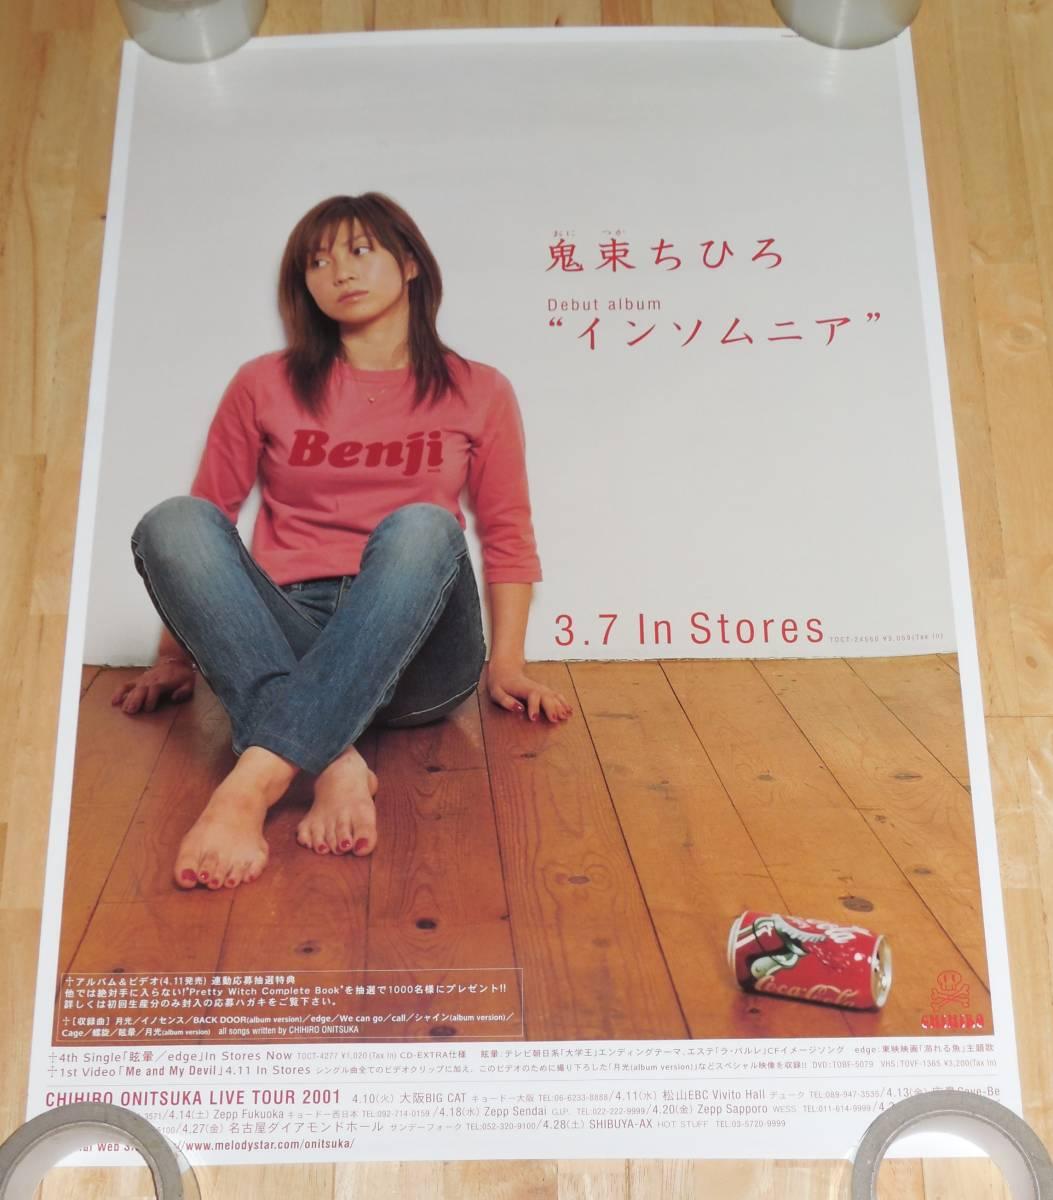 0714/鬼束ちひろ ポスター/インソムニア 発売告知/B2サイズ